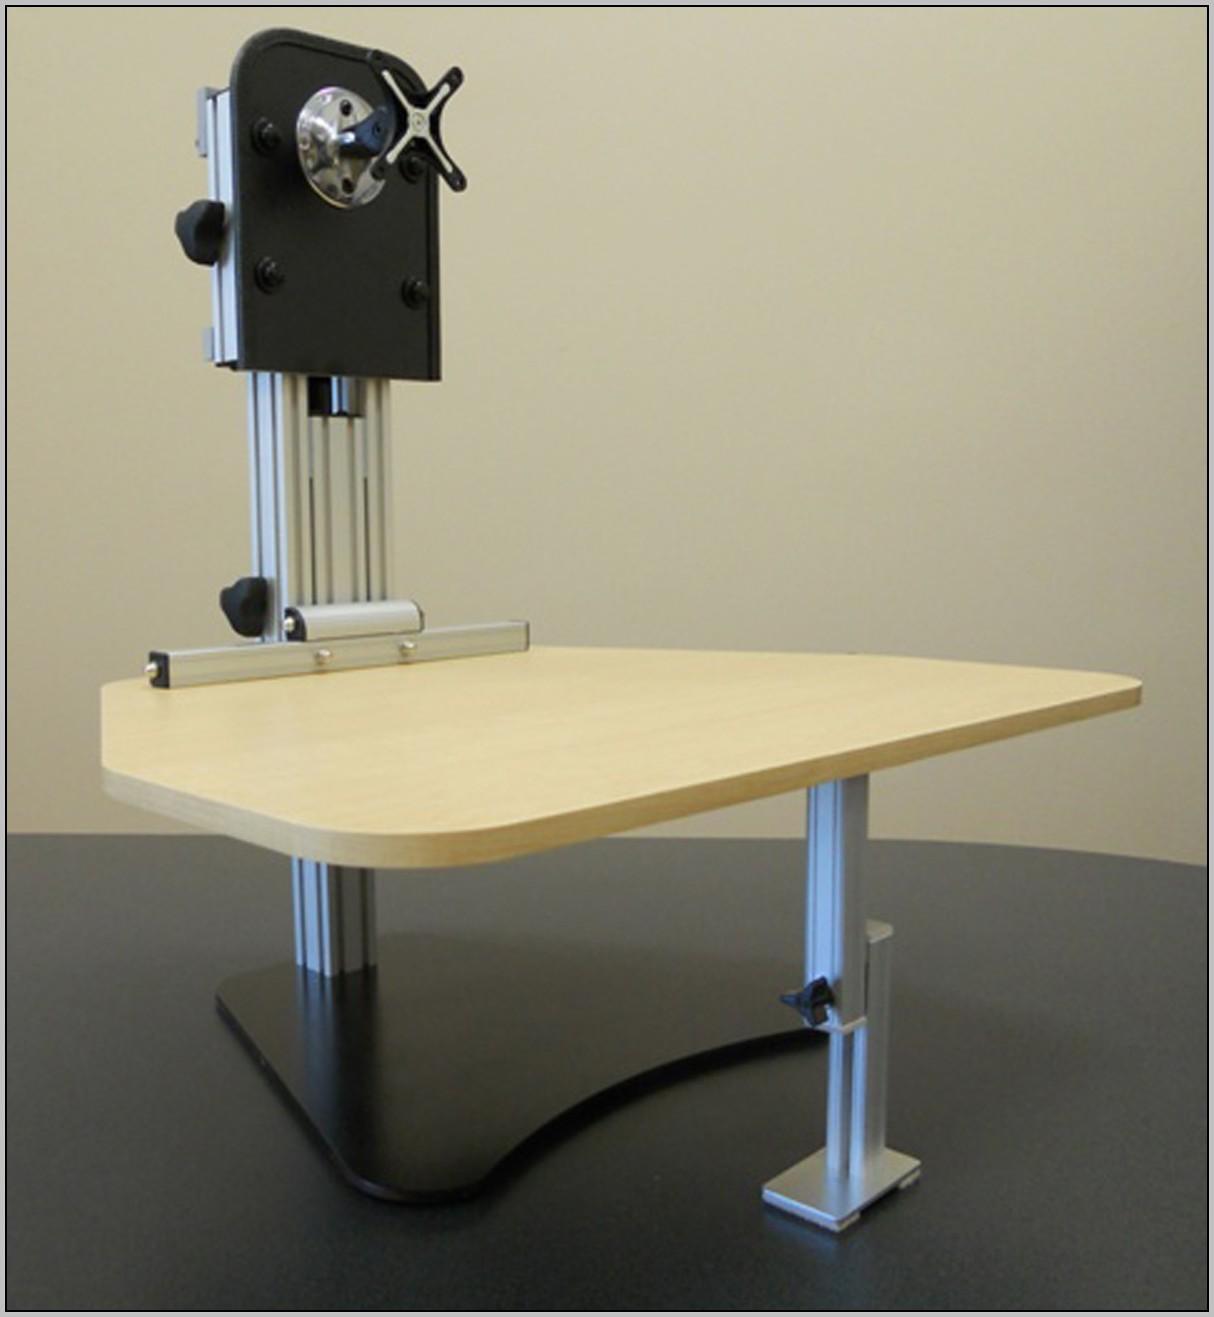 Adjustable Height Desks Canada